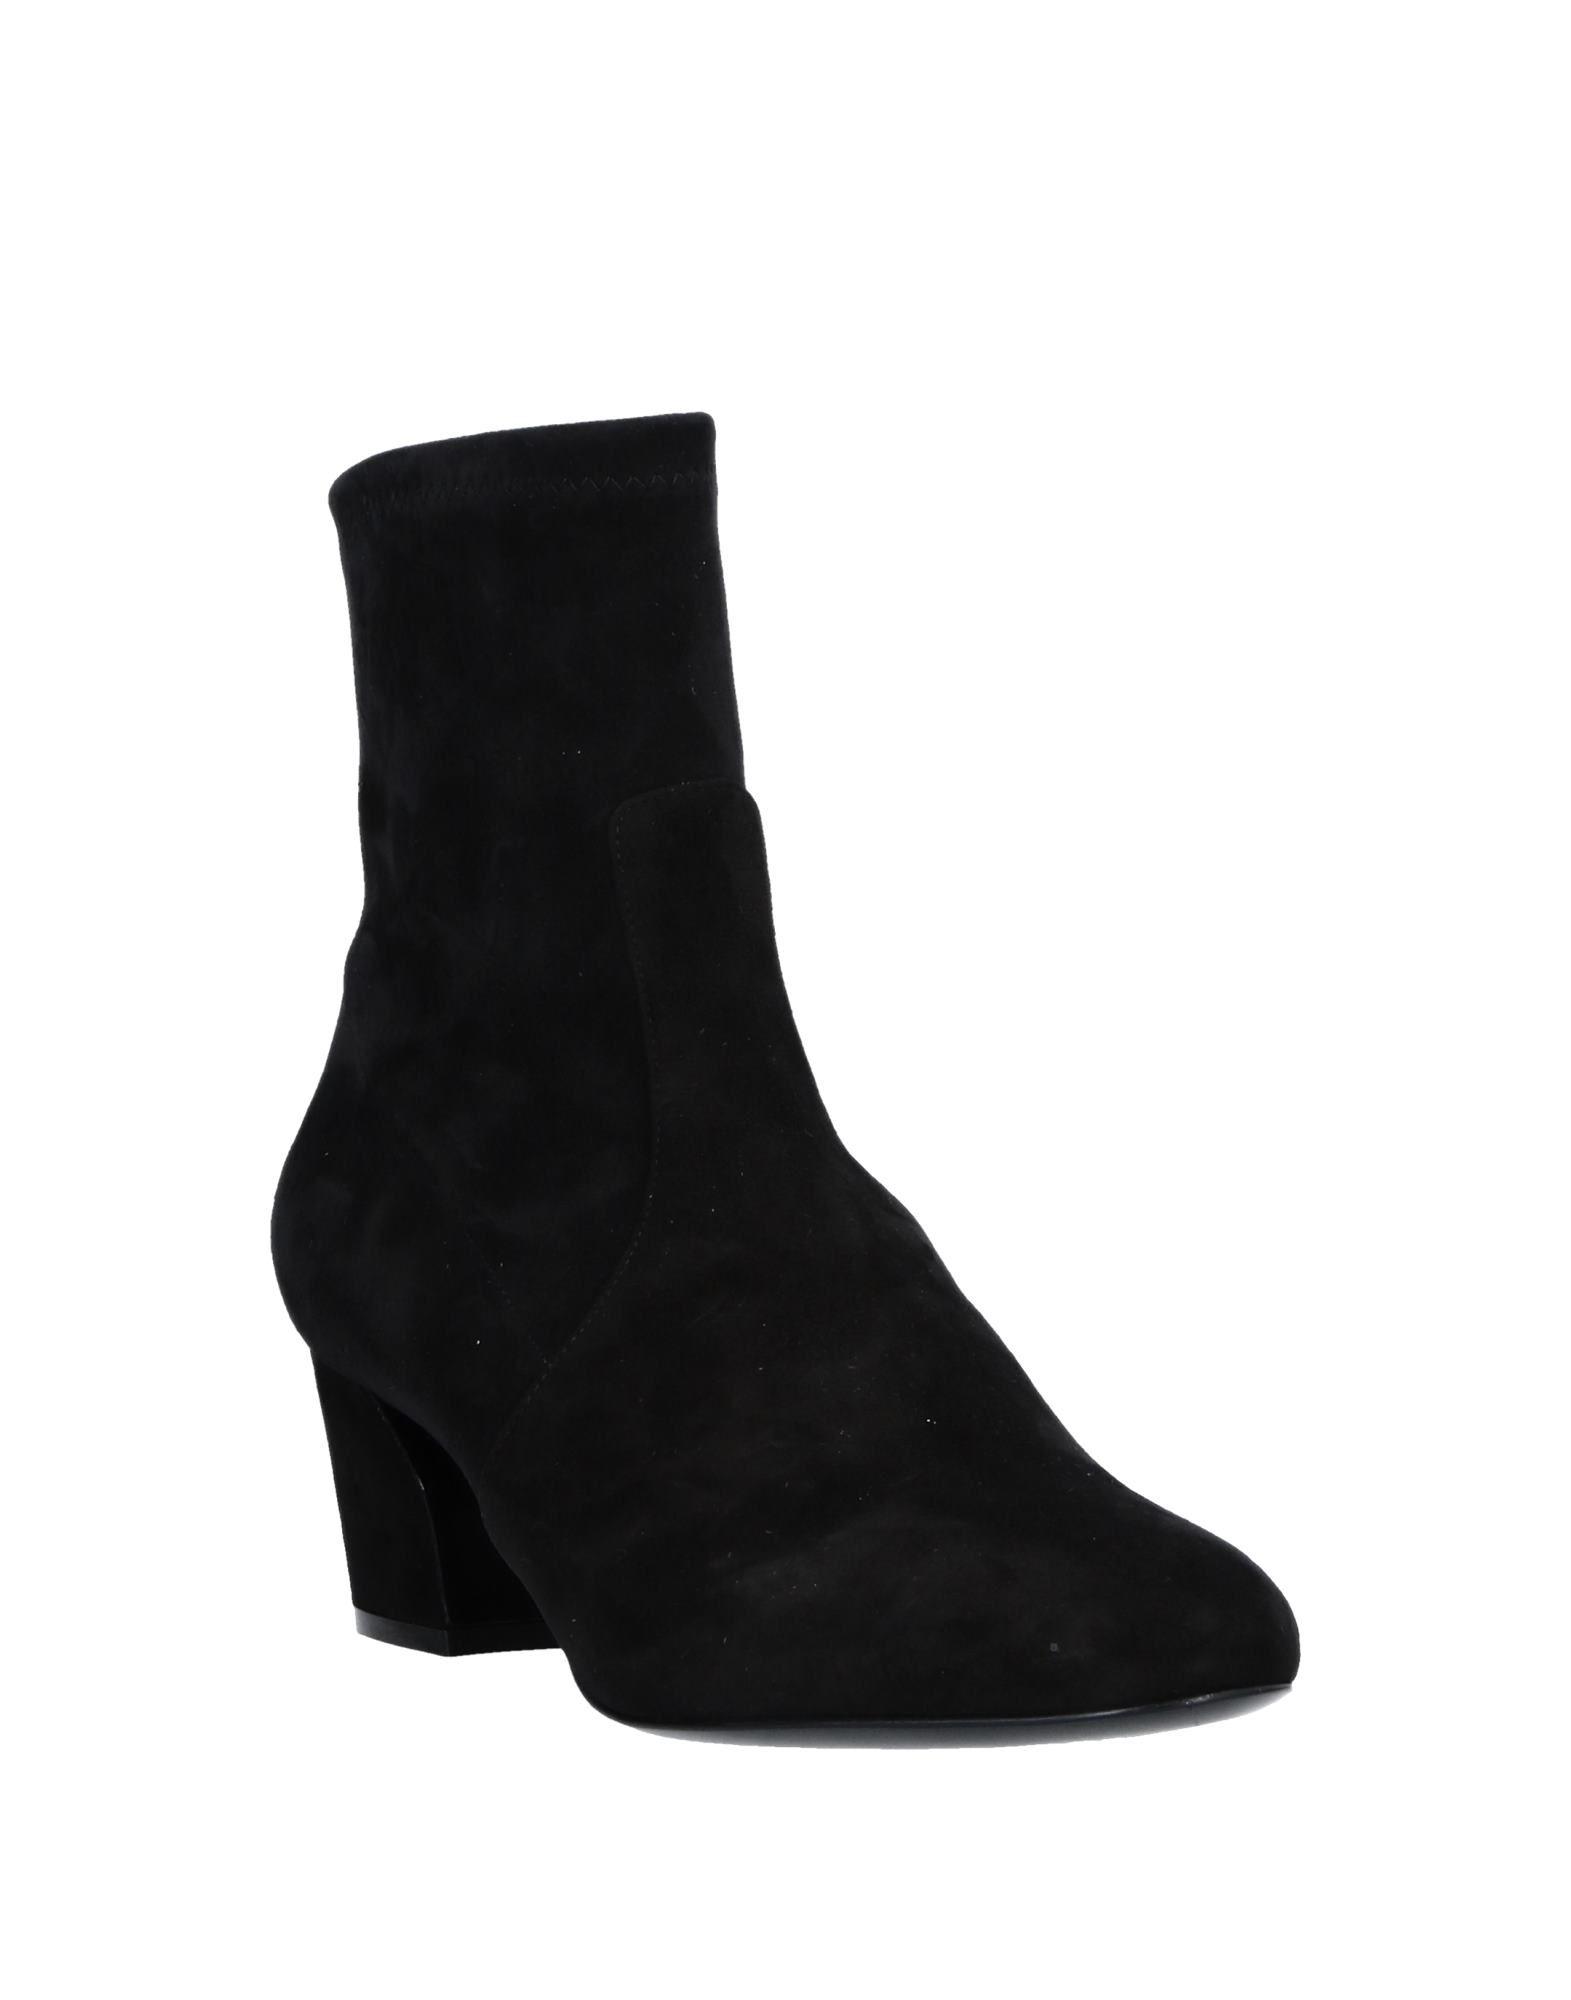 Casadei Stiefelette Damen  11543981OHGünstige gut aussehende Schuhe